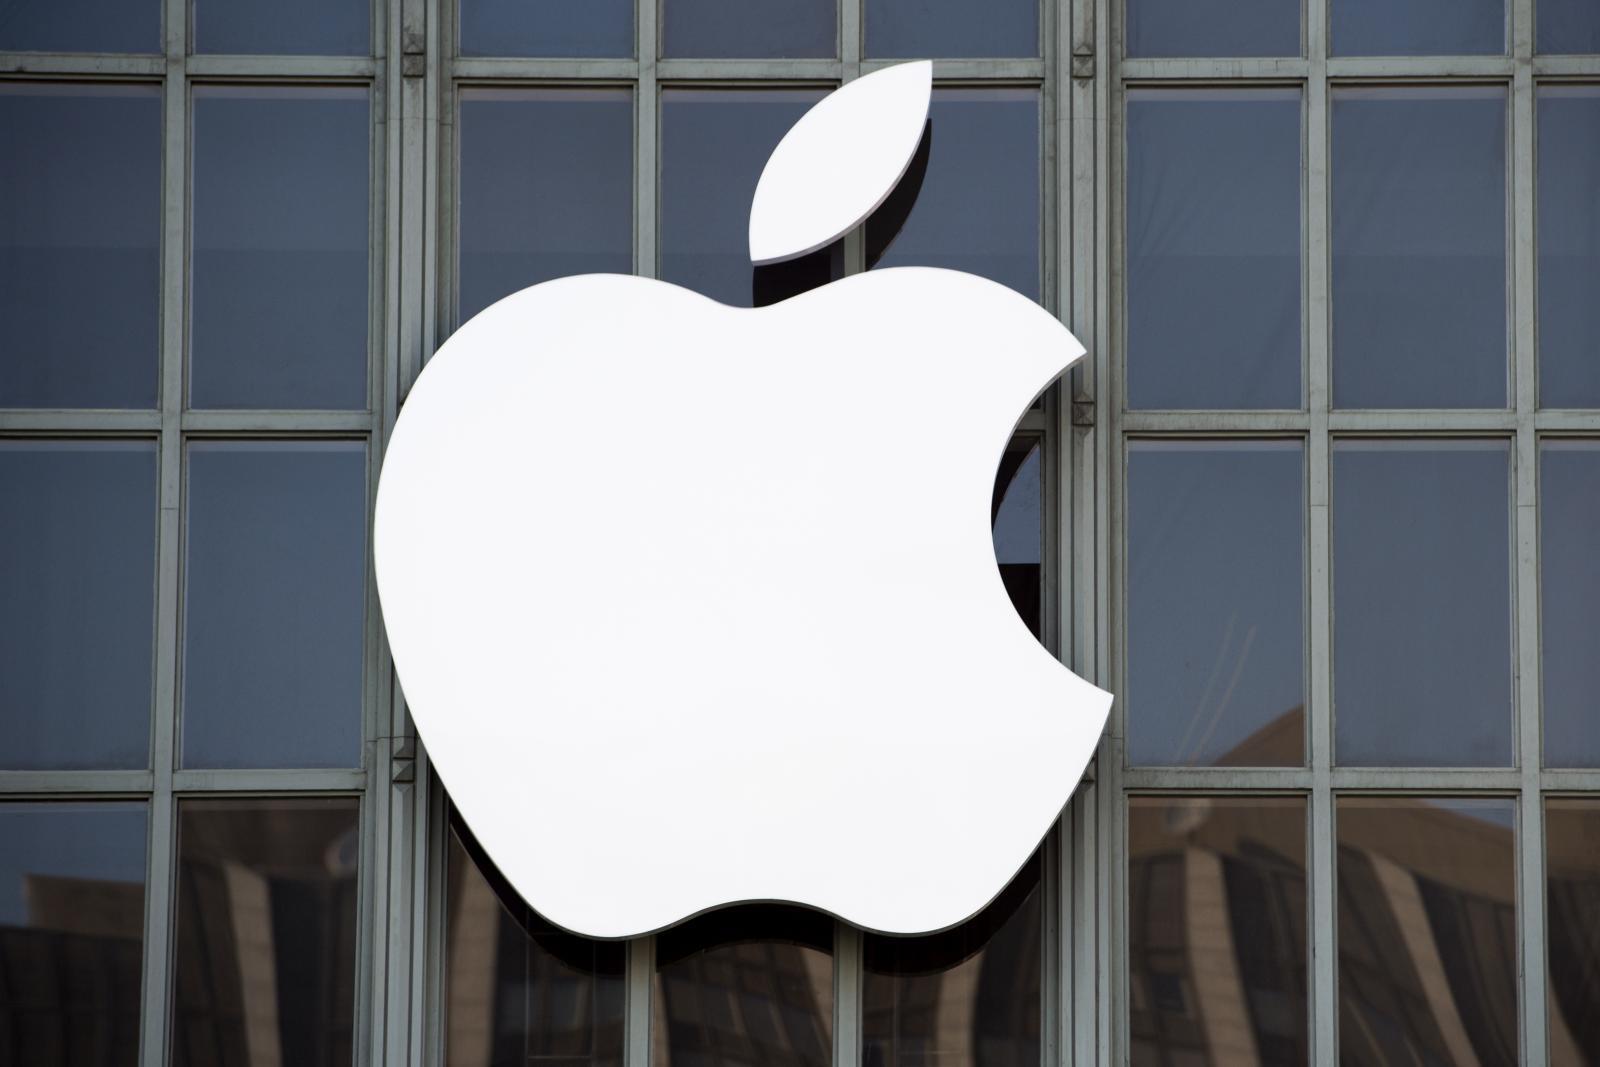 """""""แอปเปิล"""" ประกาศปิดสโตร์ทุกสาขาทั่วโลก 2 สัปดาห์ รับมือ โควิด-19"""